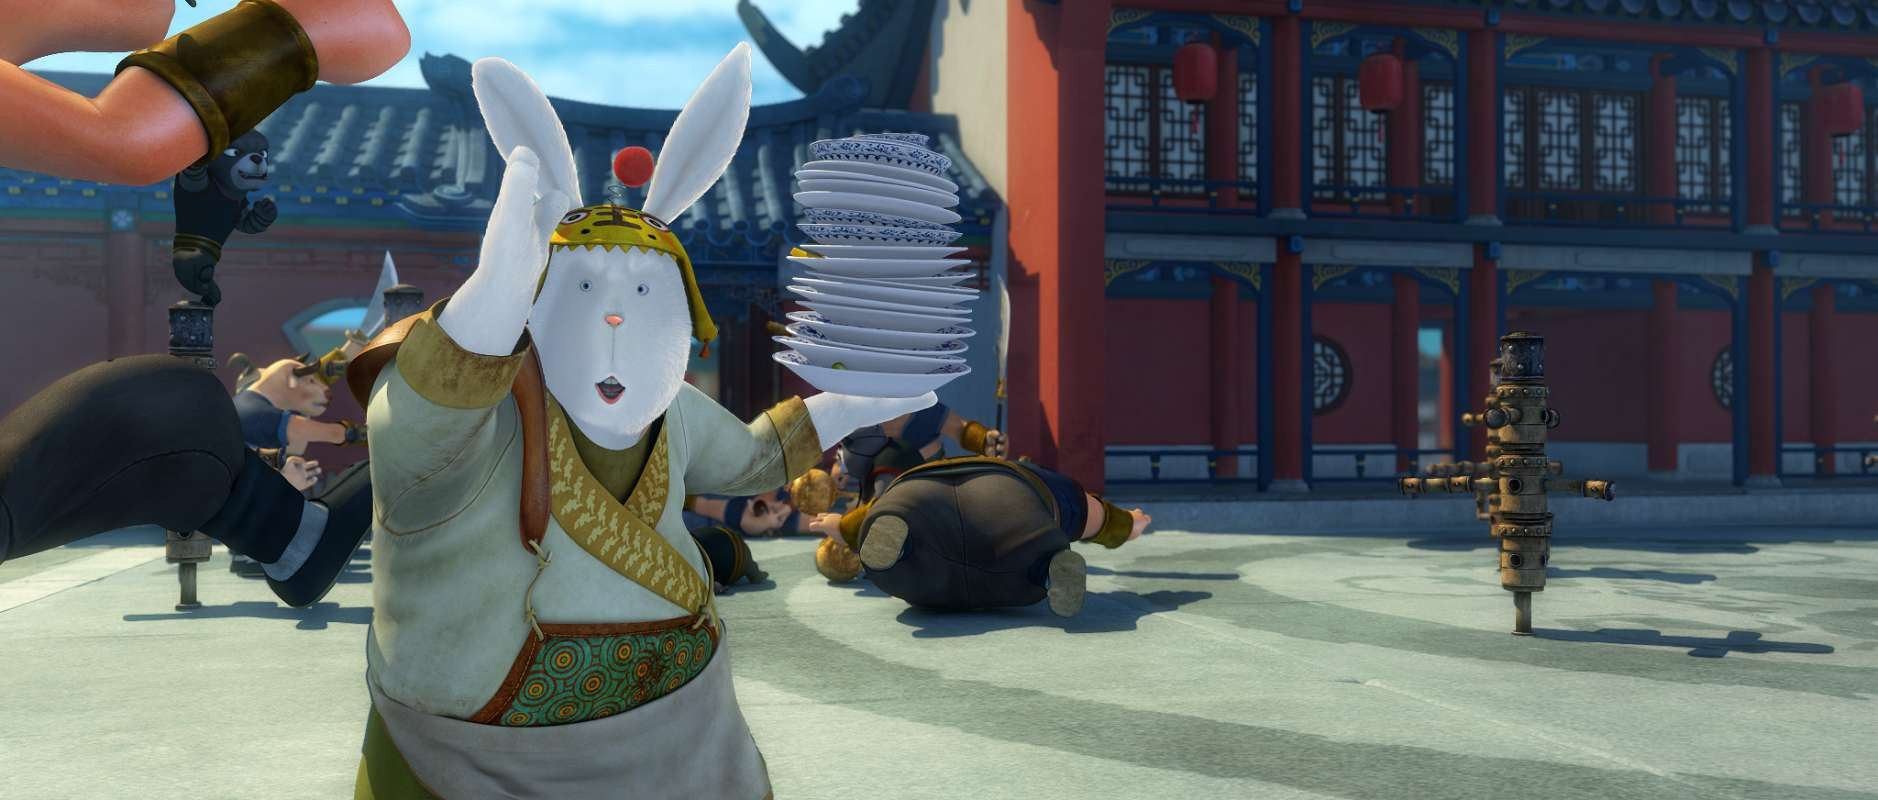 кадры из фильма Кунг-фу кролик